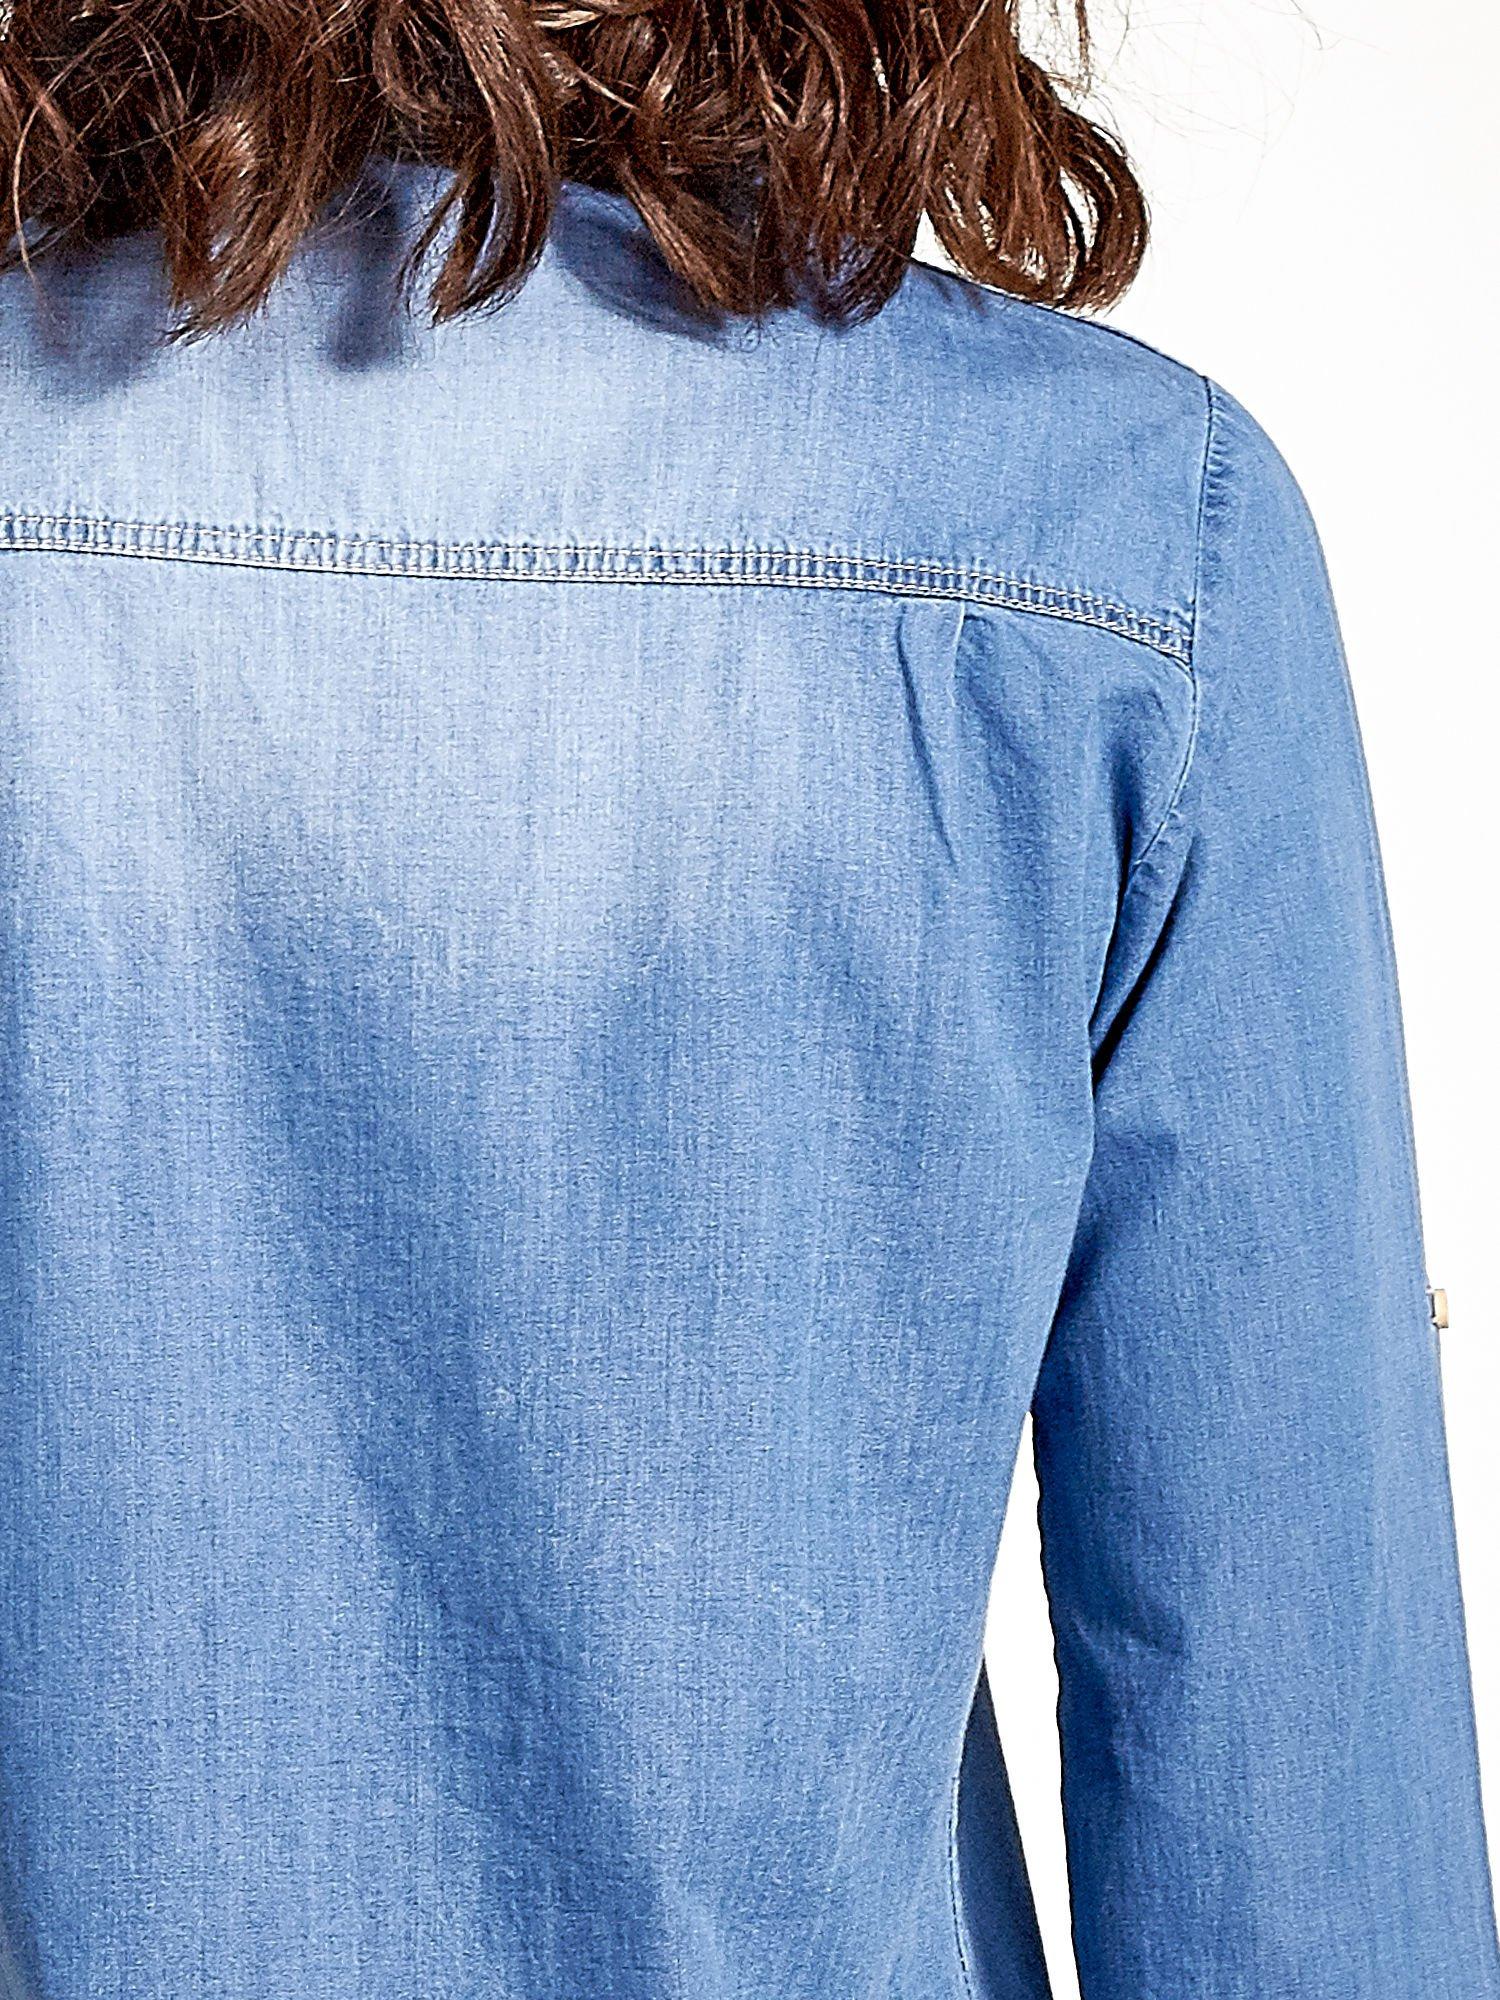 Jasnoniebieska jeansowa długa koszula z kieszeniami                                  zdj.                                  8